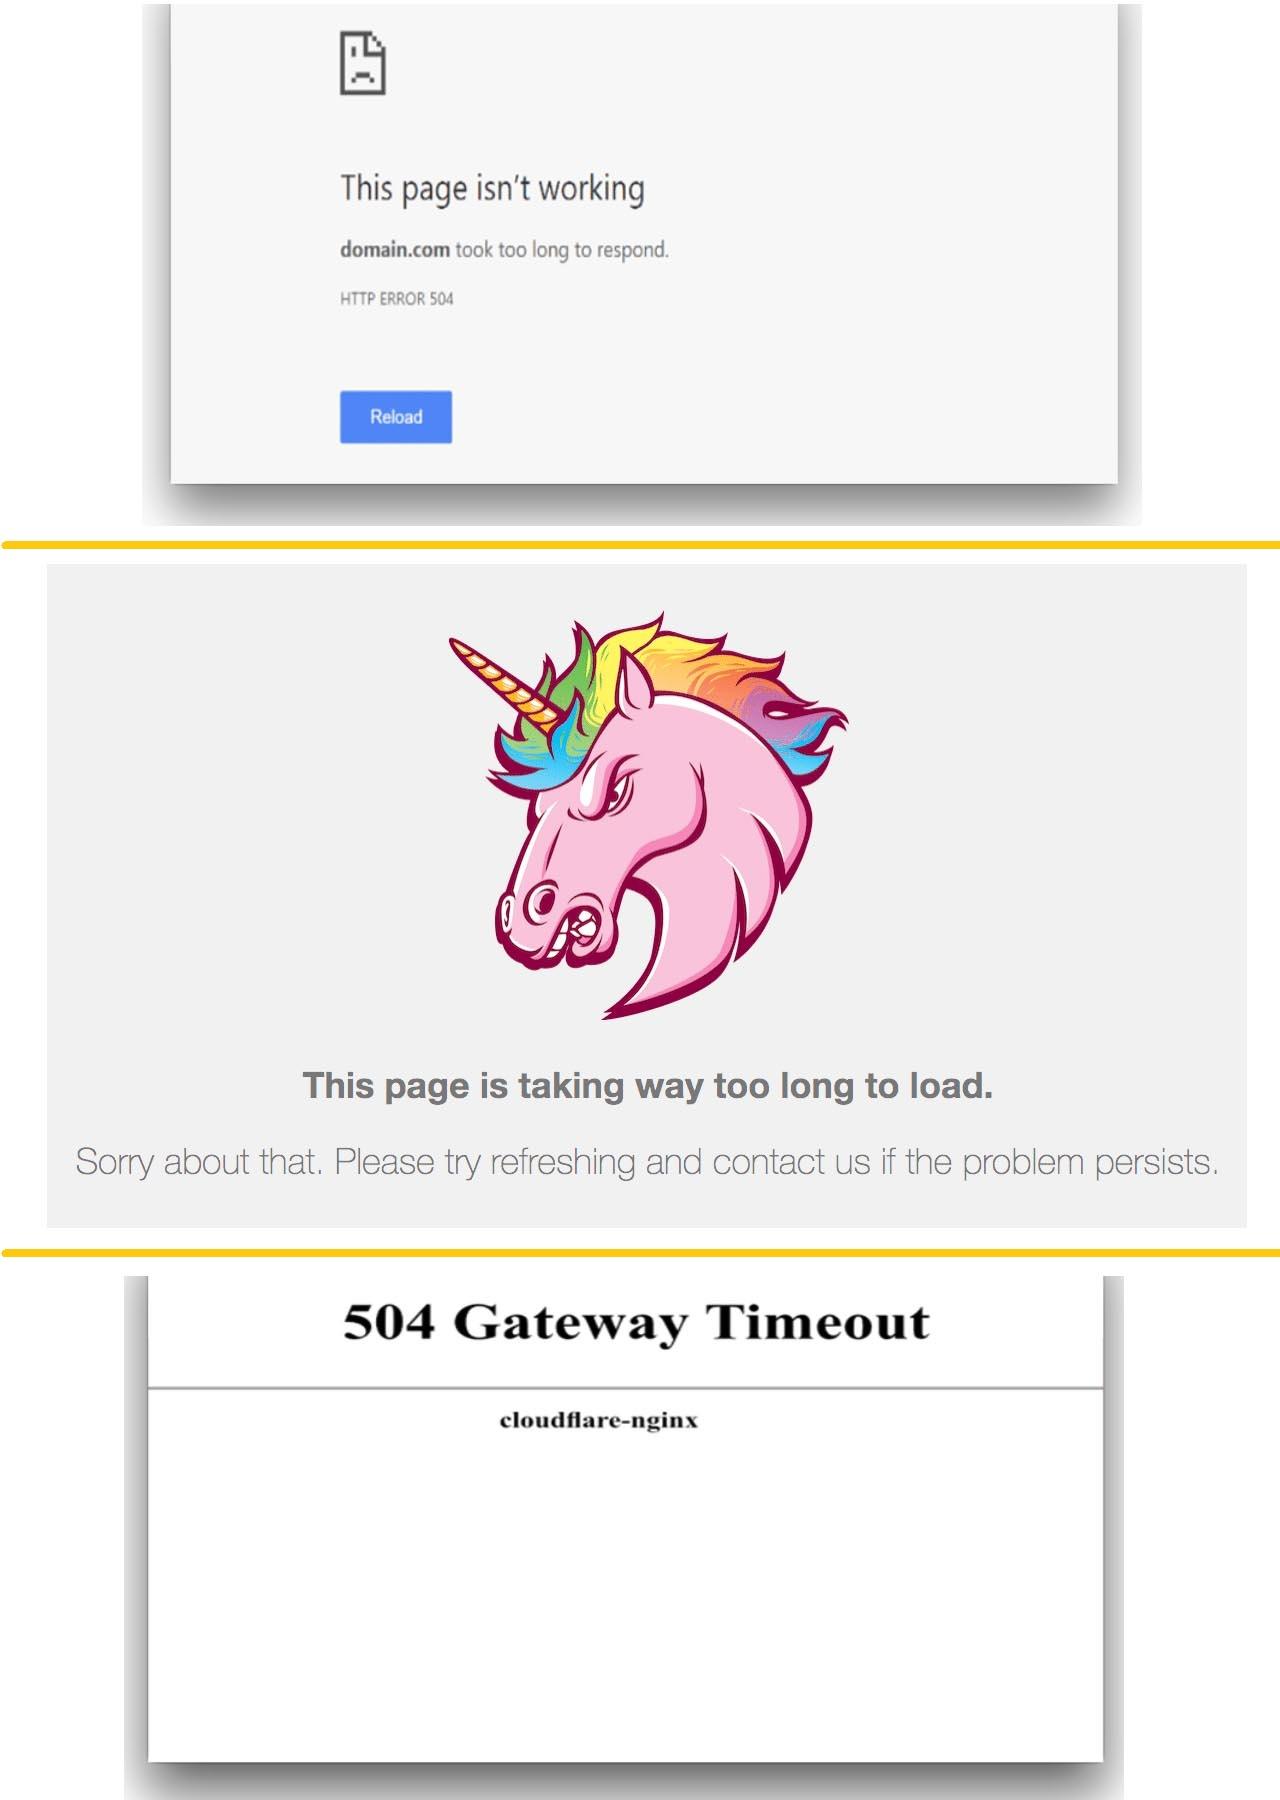 Variaciones del mensaje de error del error 504 Gateway Timeout.